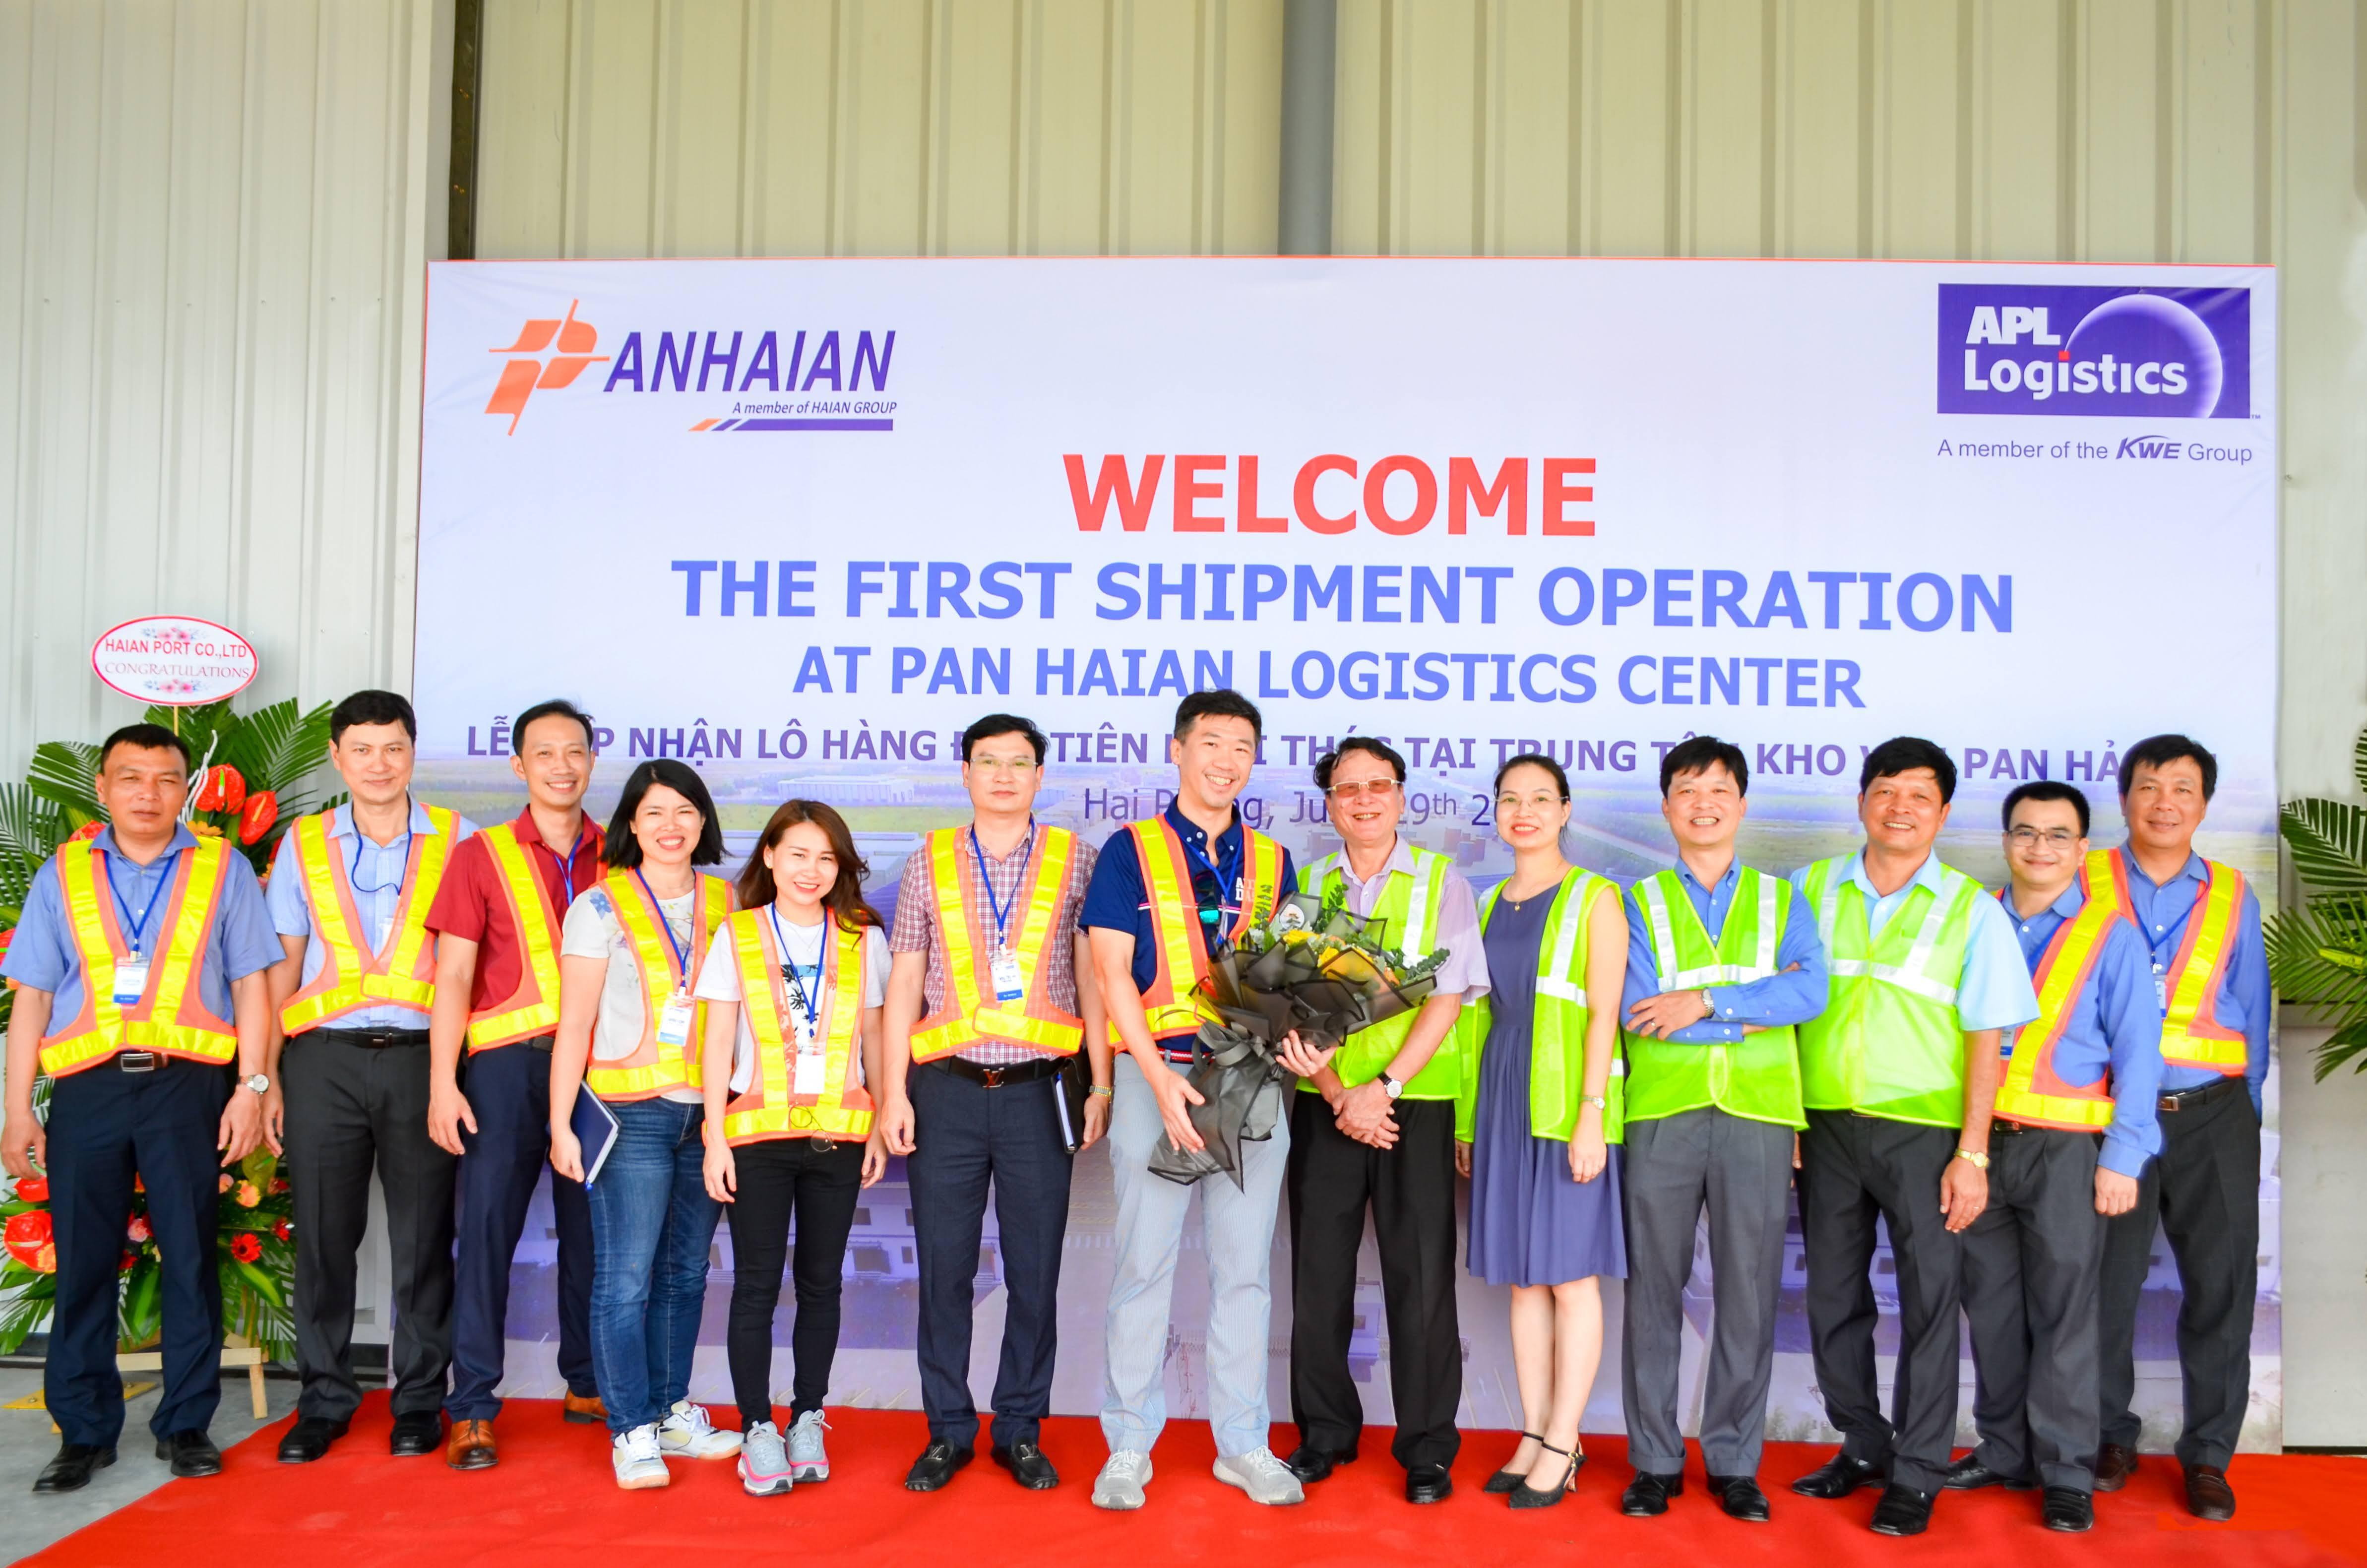 Trung tâm kho vận PAN HẢI AN khai thác lô hàng đầu tiên của APL Logistics